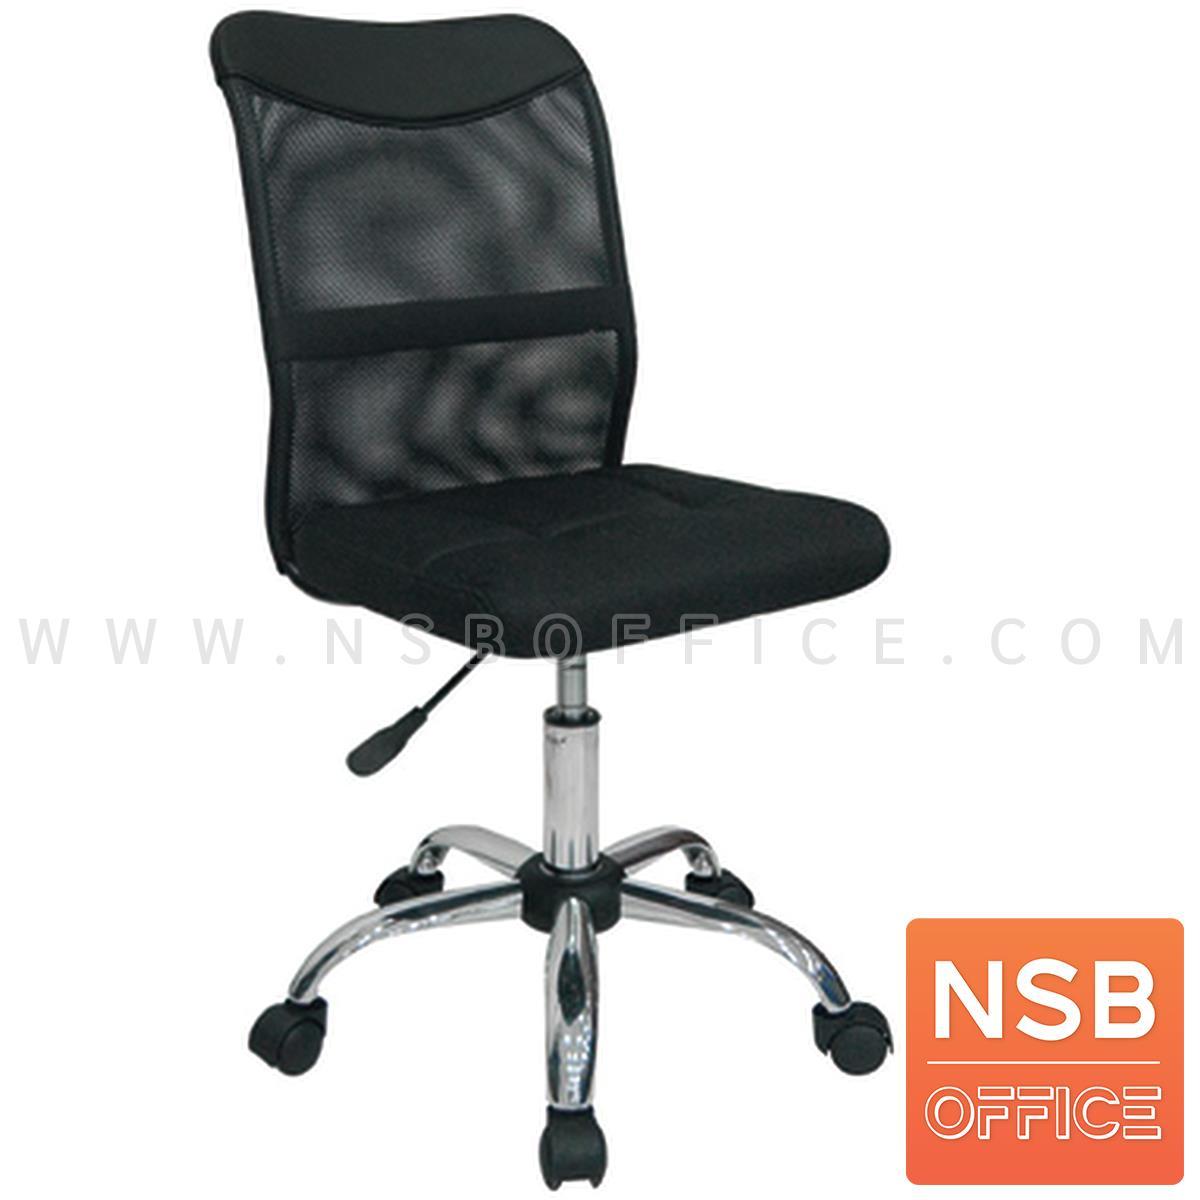 B33A012:เก้าอี้สำนักงาน รุ่น Morshower (มอร์ชาวเวอร์) ไม่มีท้าวแขน โช๊คแก๊ส ก้อนโยก ขาเหล็กชุบโครเมี่ยม